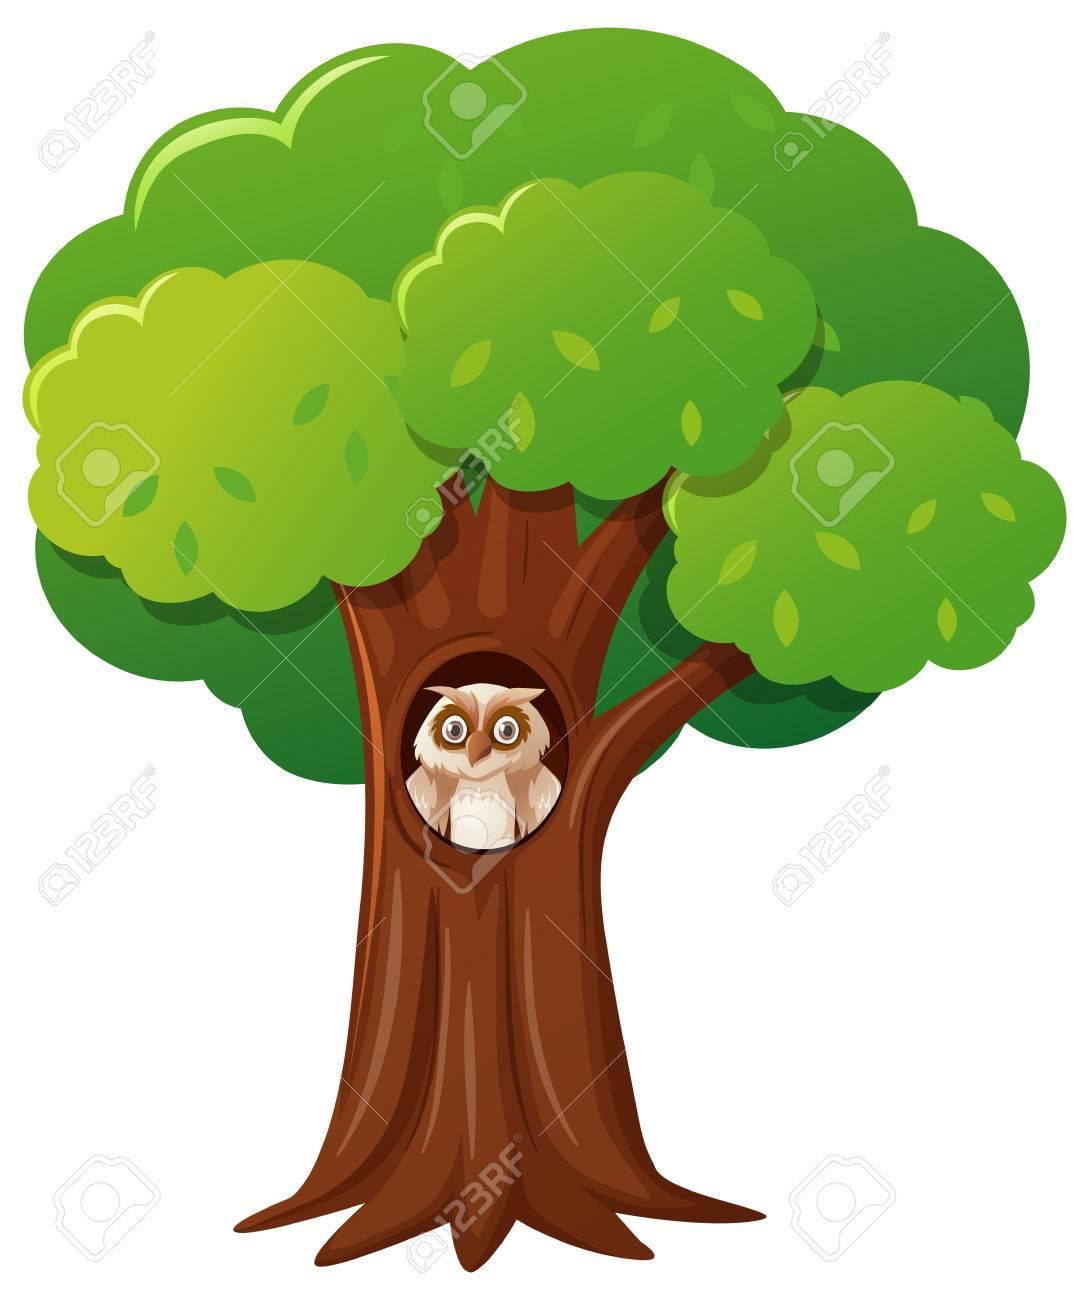 中空の木イラストのフクロウのイラスト素材ベクタ Image 80309623